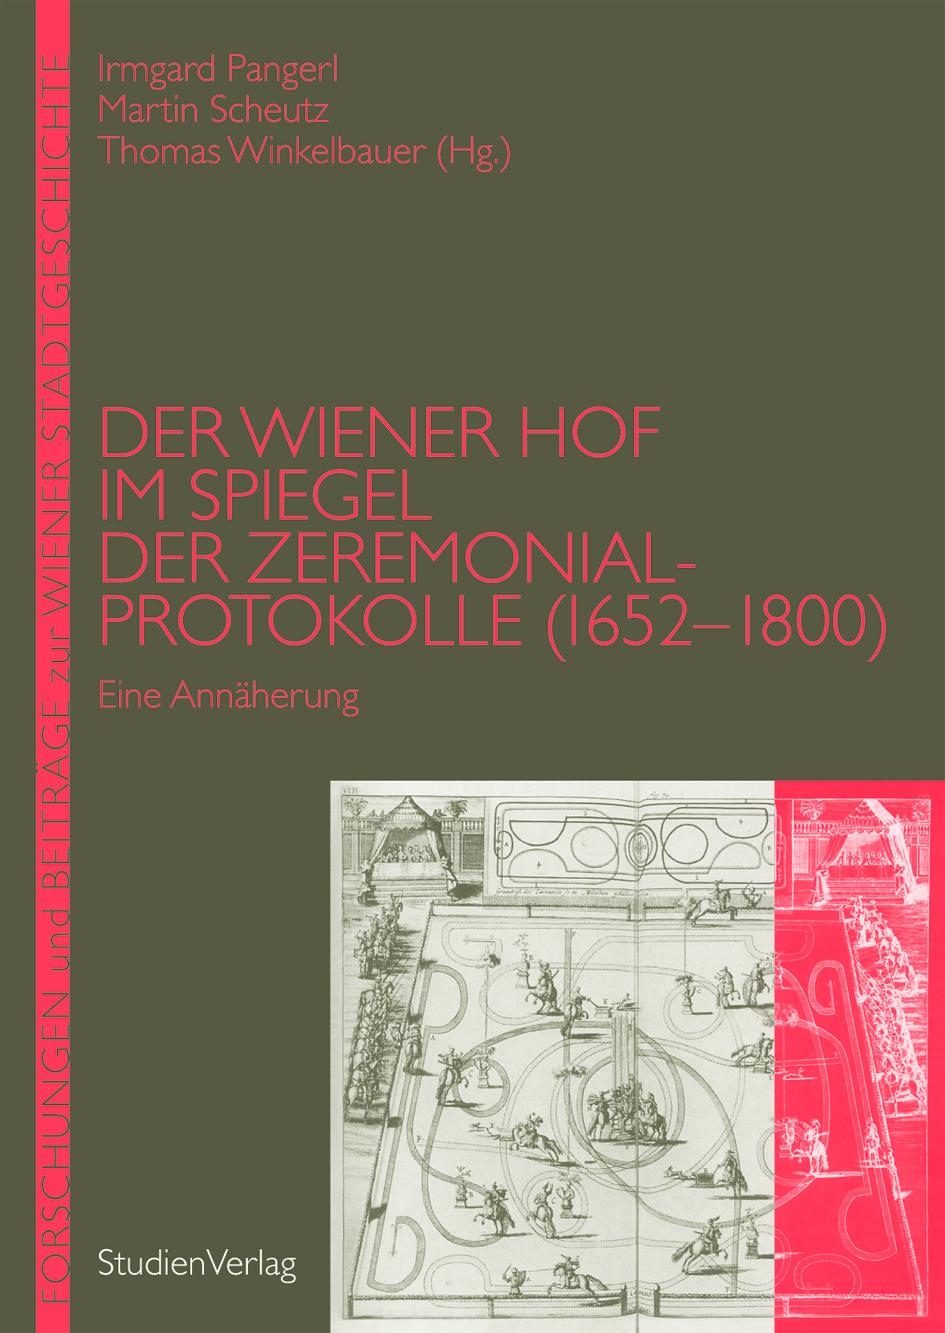 Der Wiener Hof im Spiegel der Zeremonialprotokolle 1652-1800